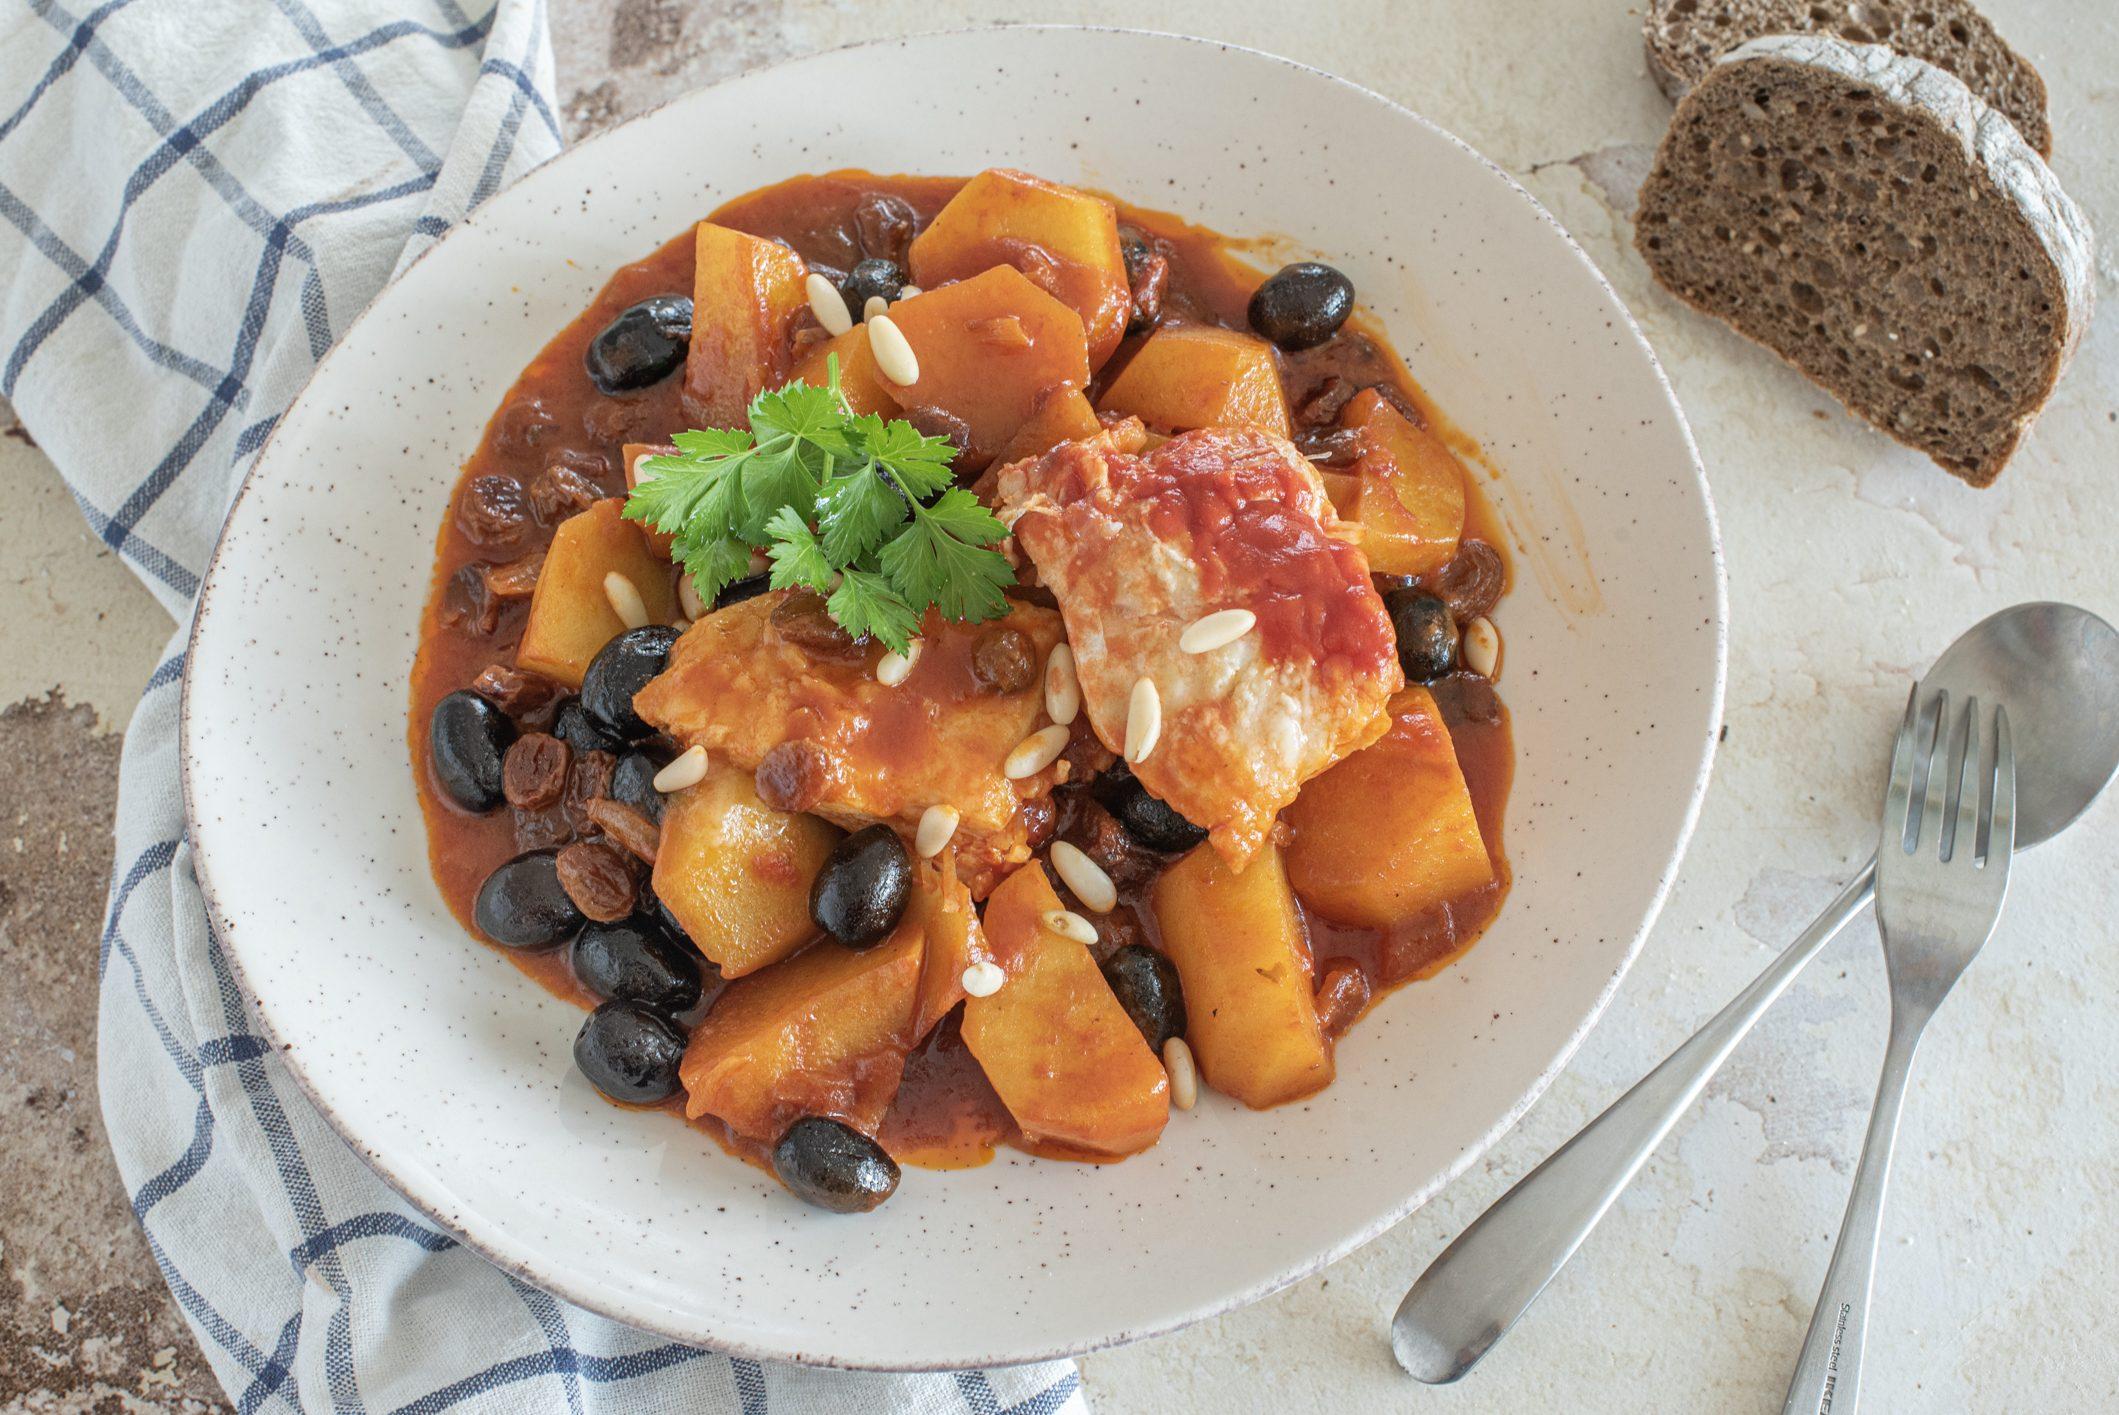 Baccalà alla ghiotta: la ricetta del piatto siciliano ricco e gustoso